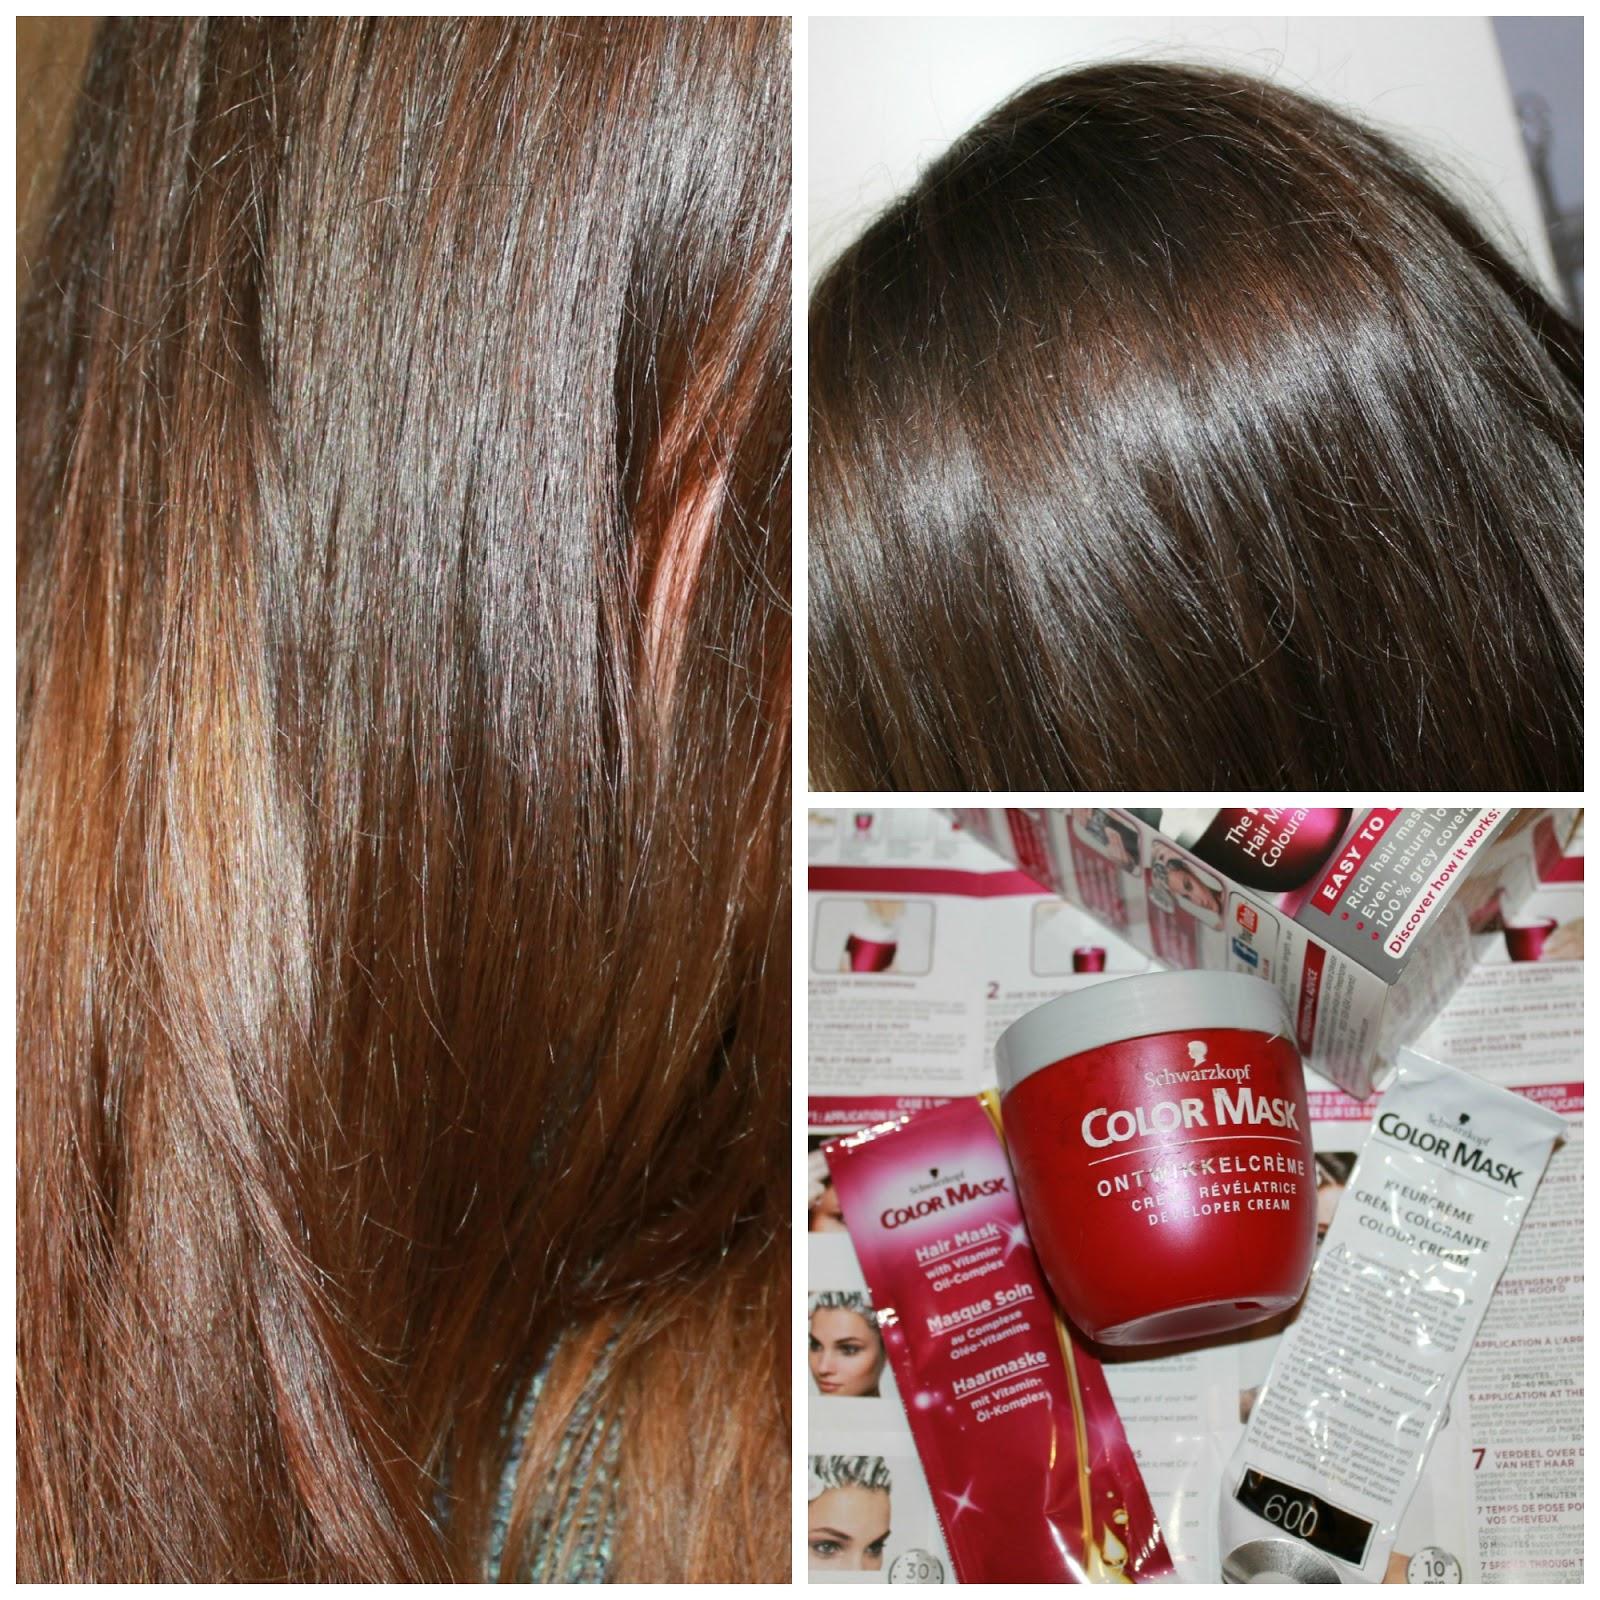 Schwarzkopf Hair Dye Mask Review